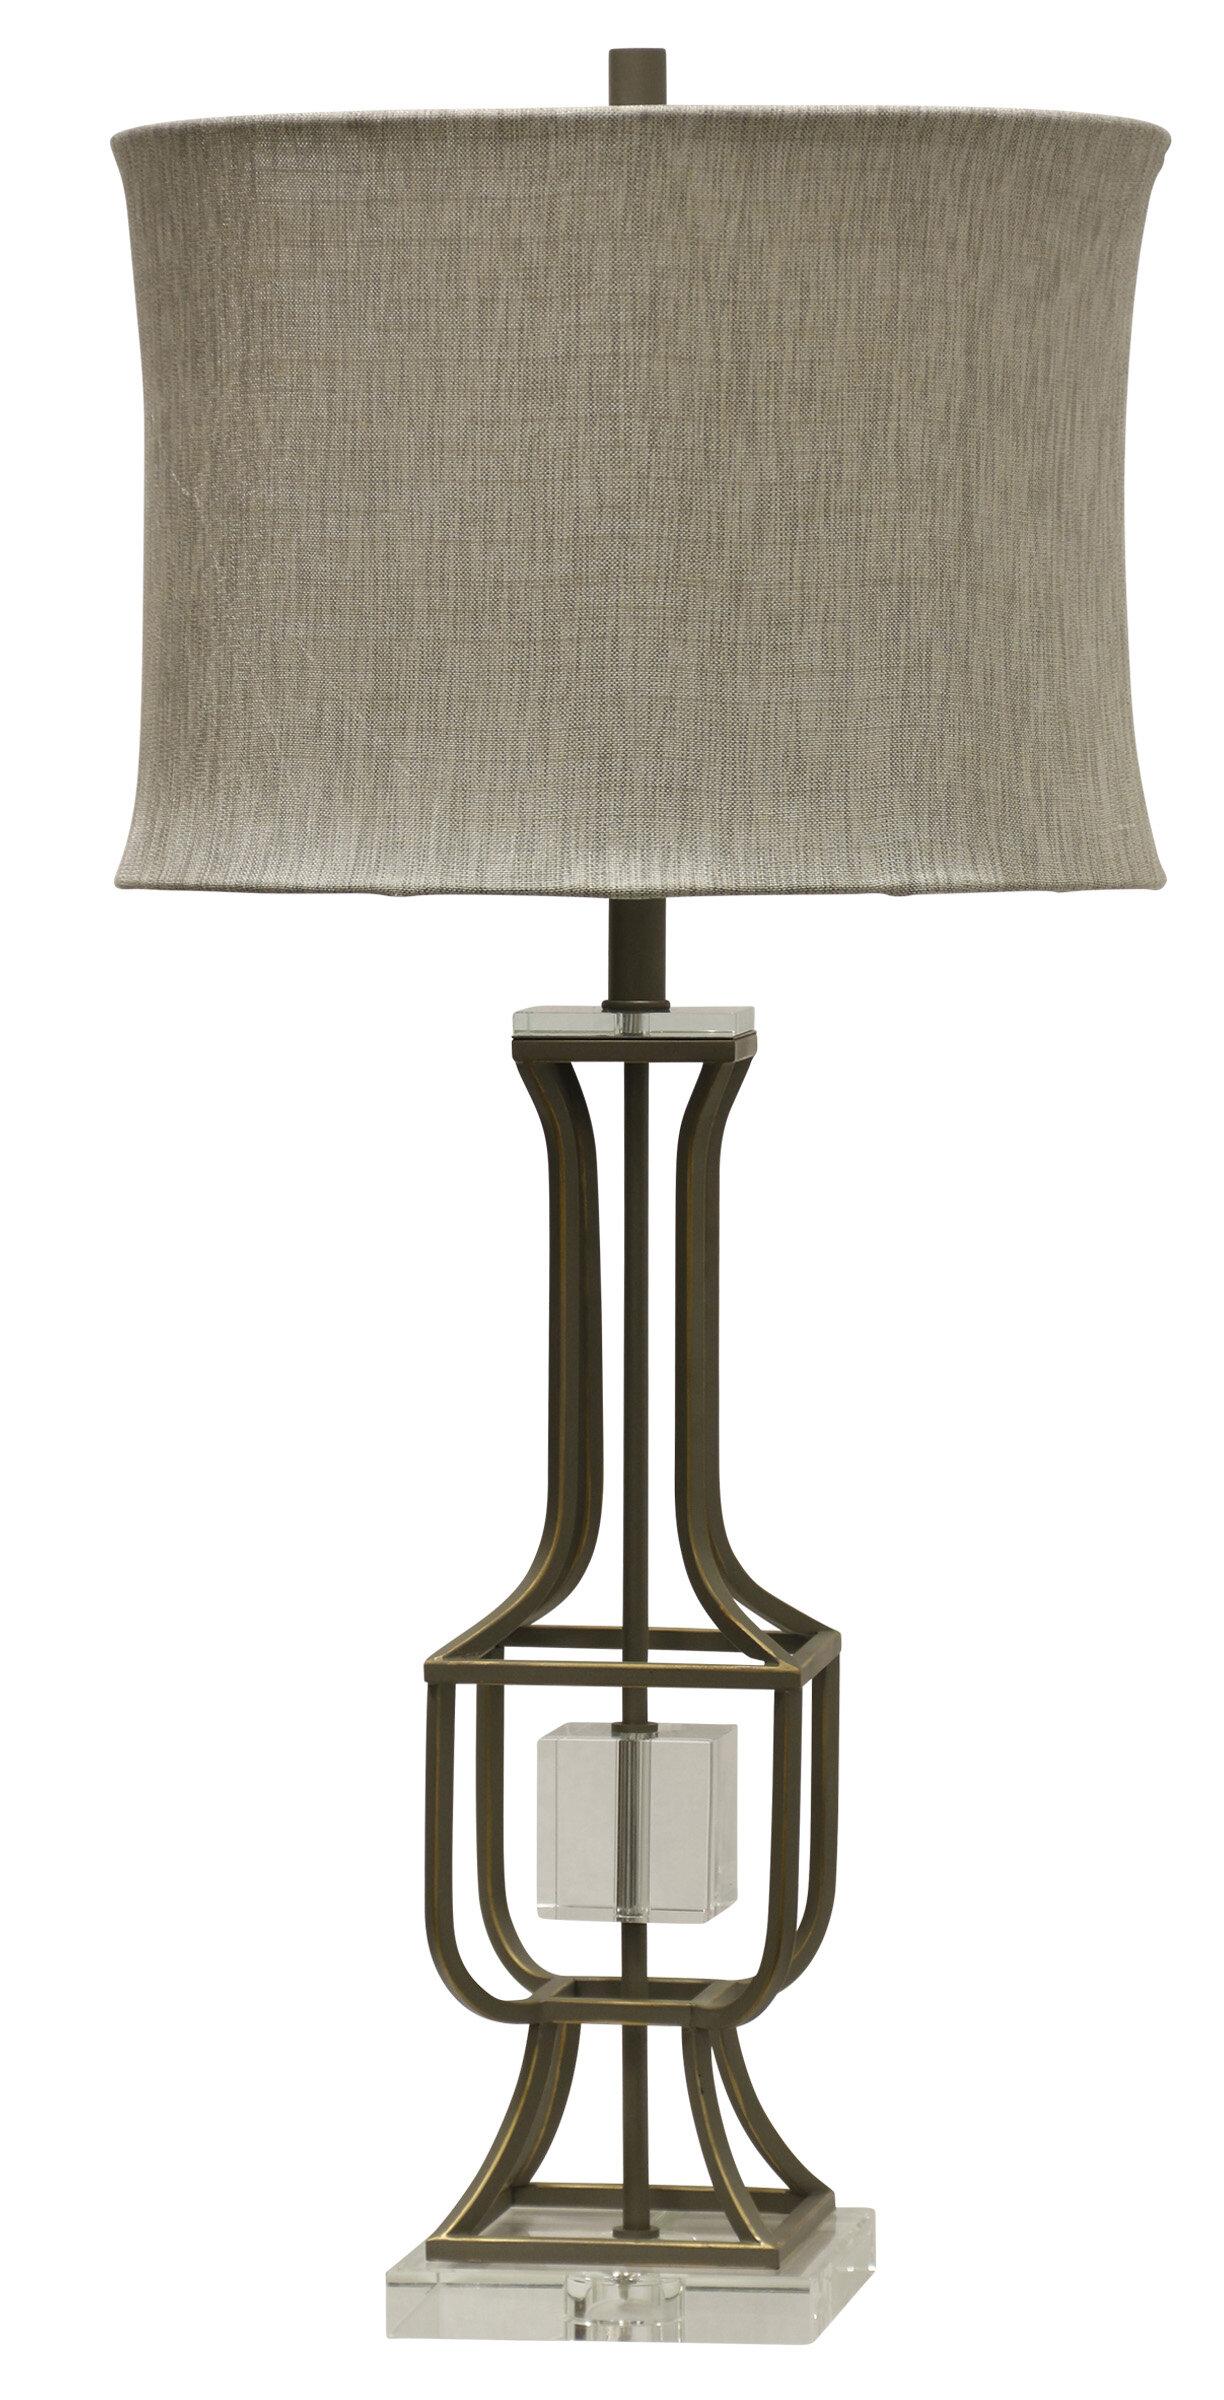 Gracie Oaks Claribel 36 5 Table Lamp Wayfair